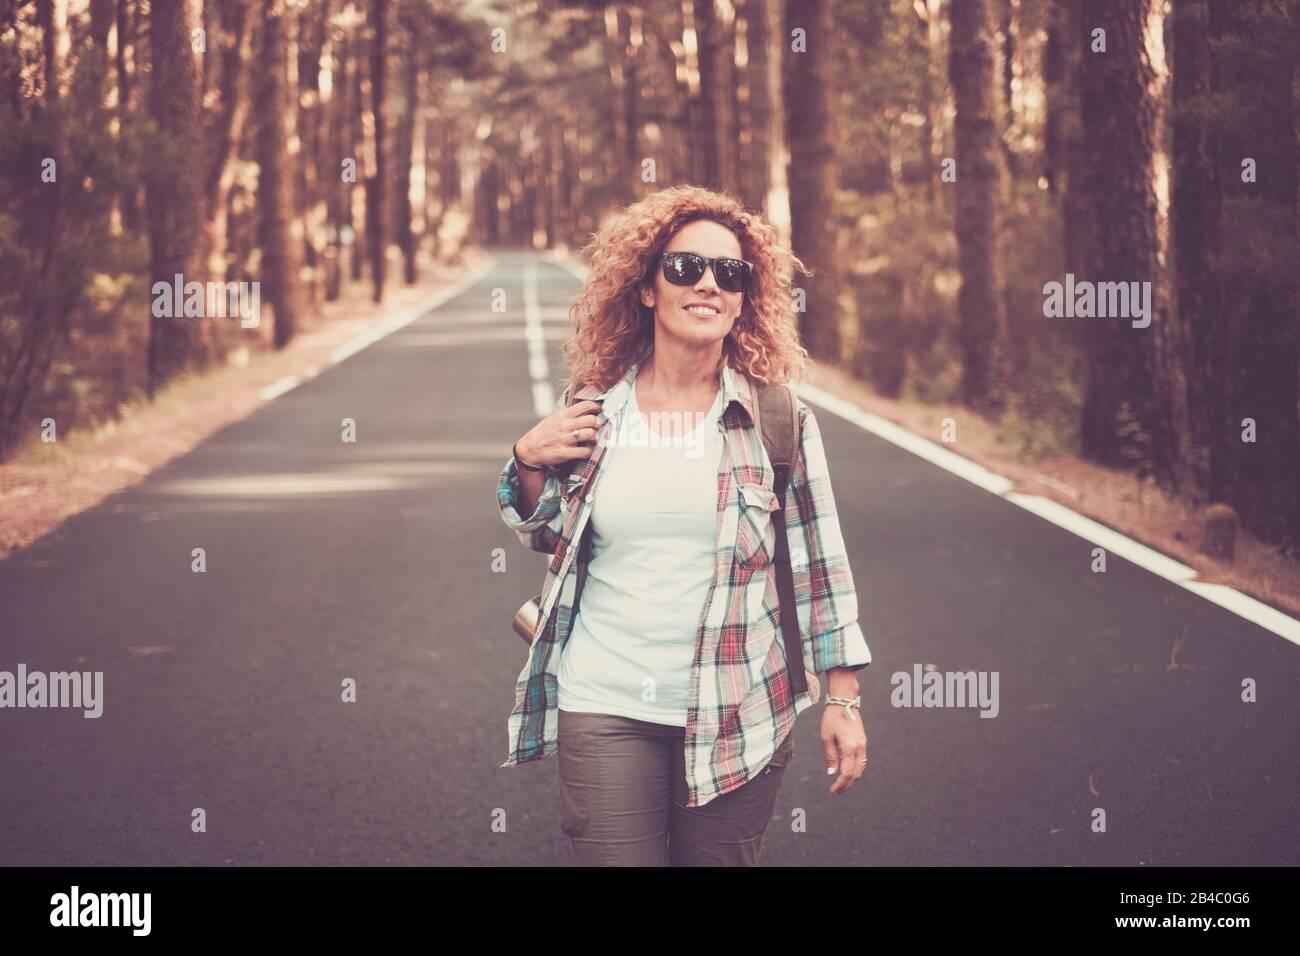 Joyeuses et joyeuses femmes voyagent gratuitement les gens qui marchent au milieu d'une longue route avec forêt et arbres autour - concept de voyage pittoresque - belle cacacasien curieusement femme profitant de l'activité de loisirs en plein air Banque D'Images